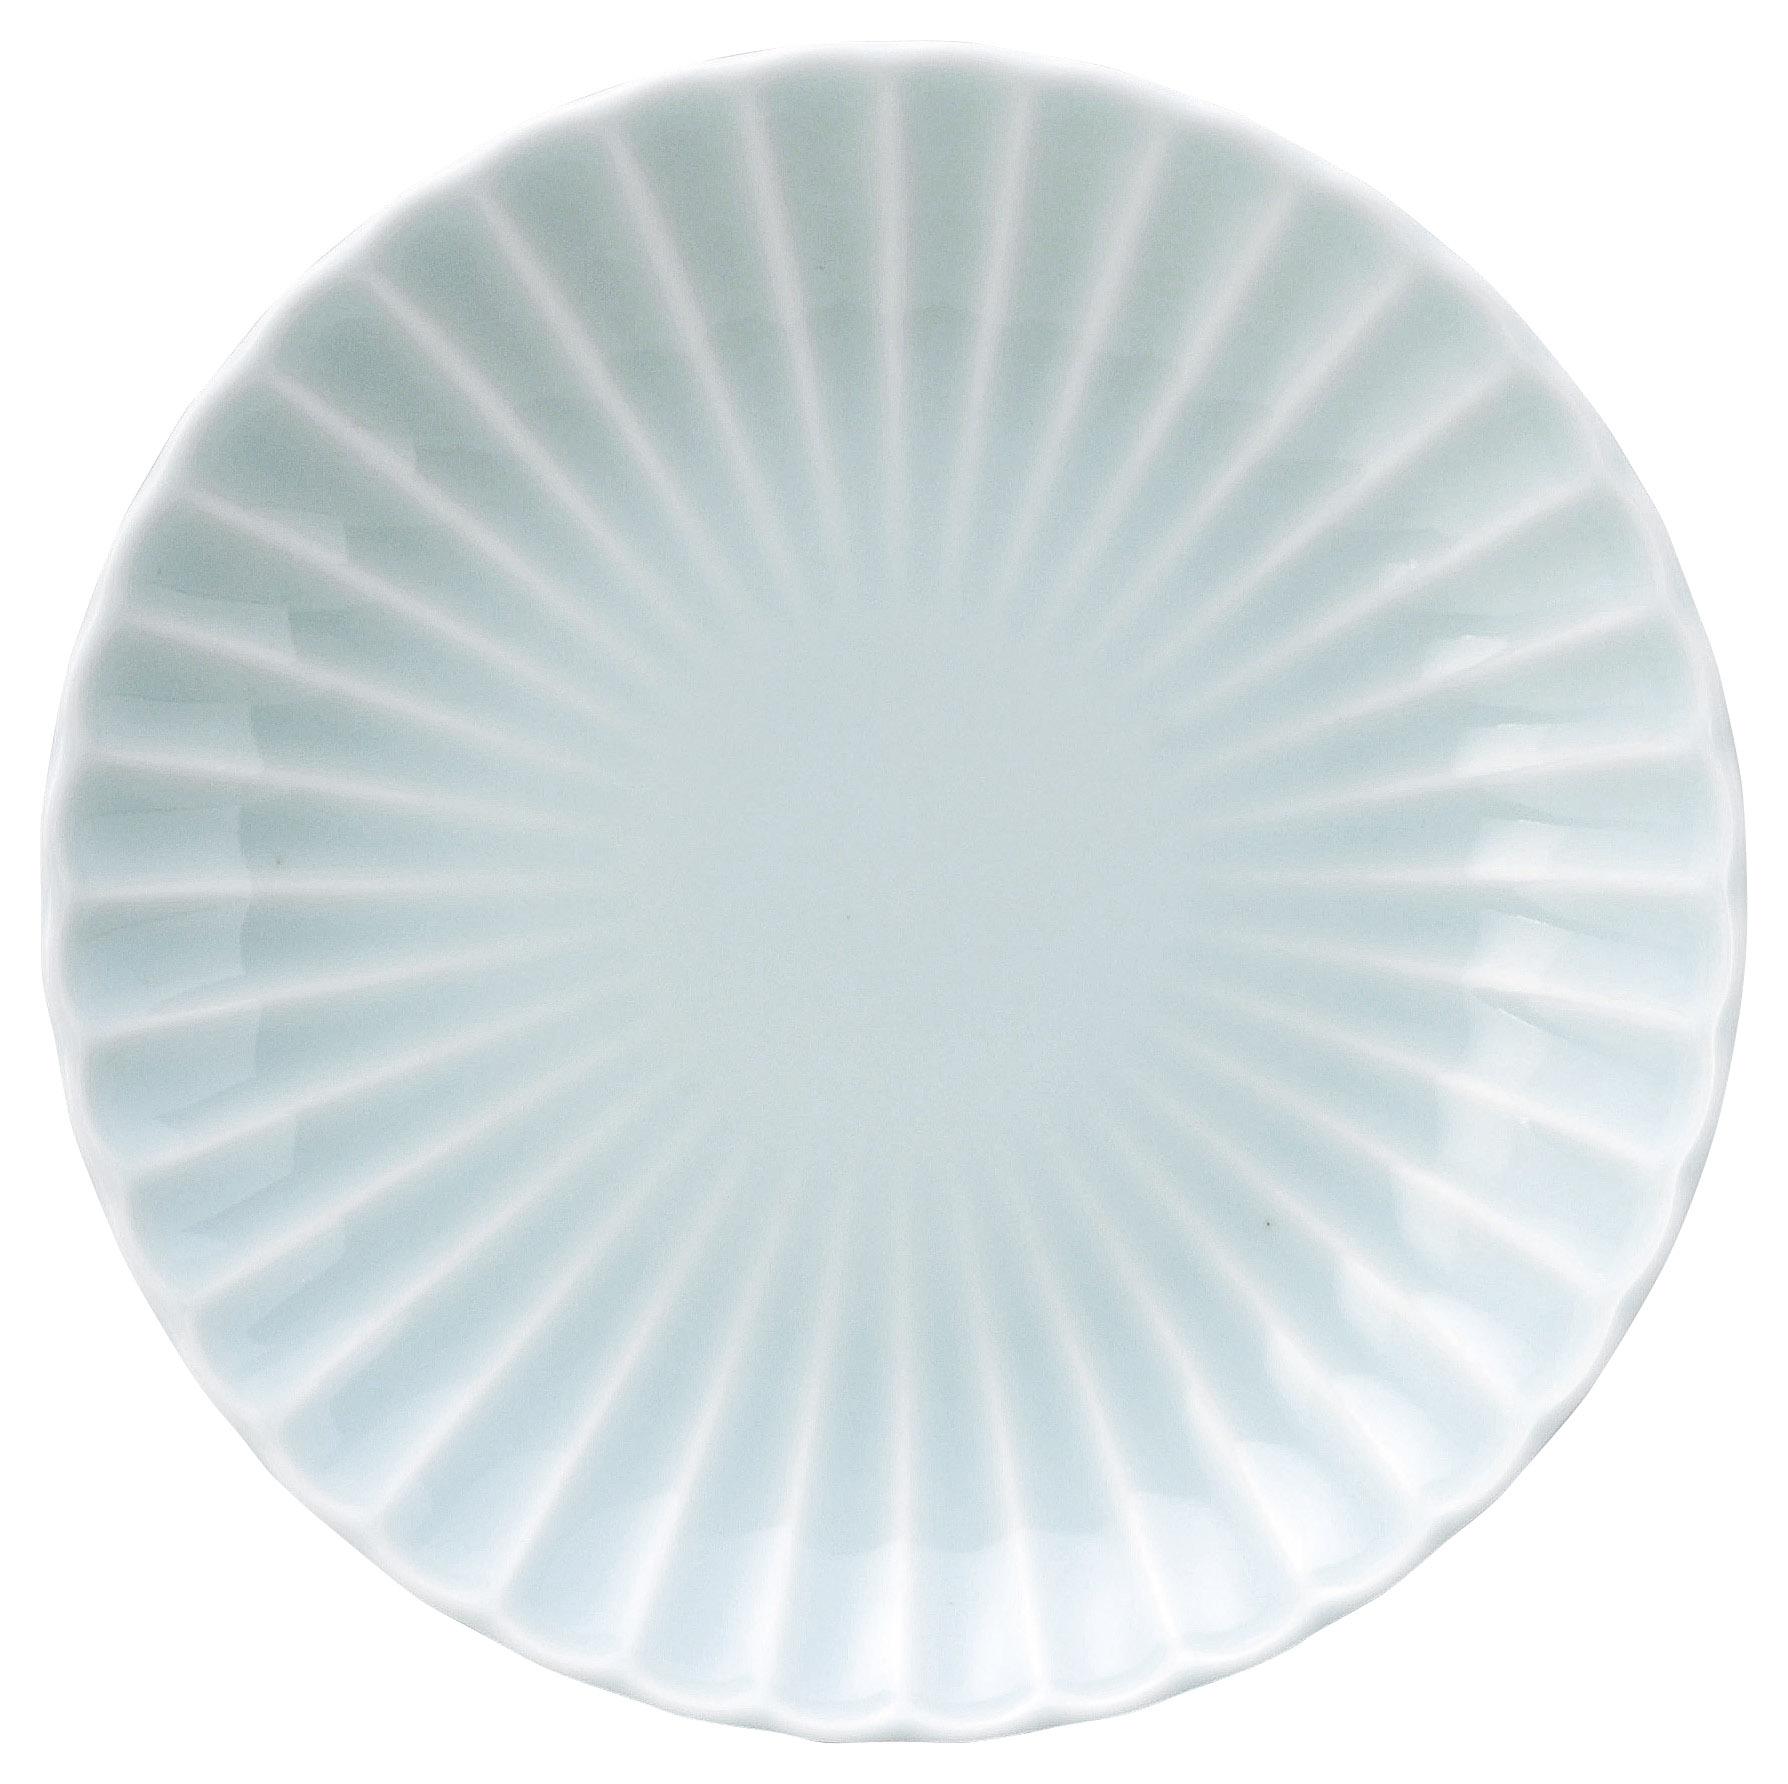 かすみ 青白 18cm丸皿